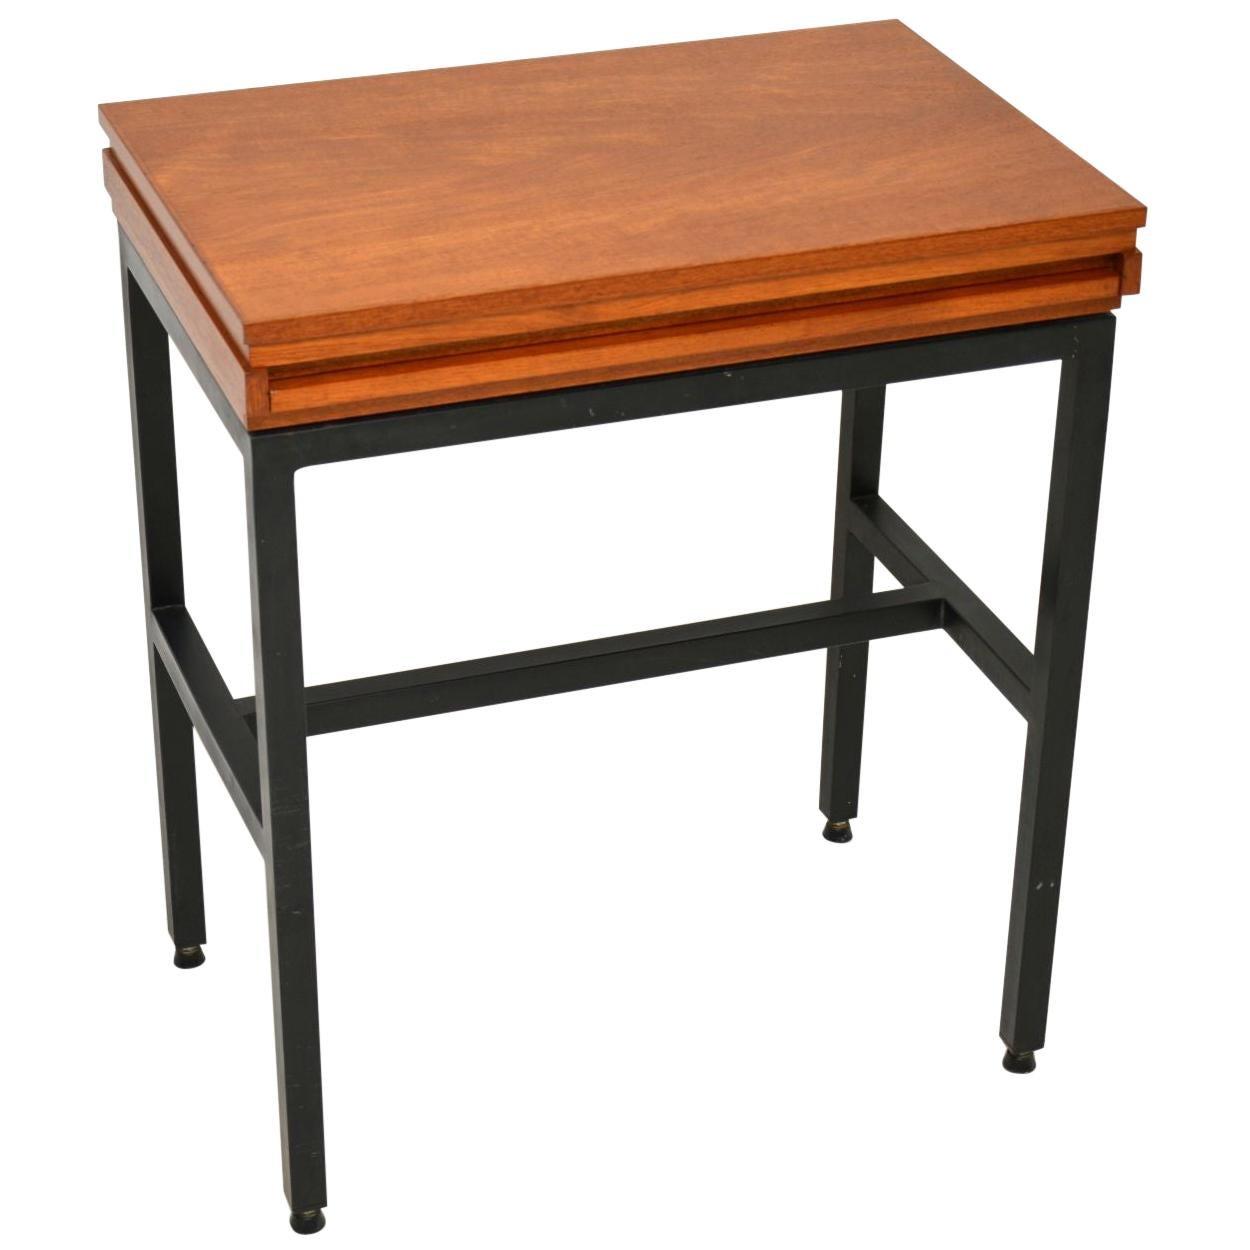 Teak Vintage Side Table / Writing Desk